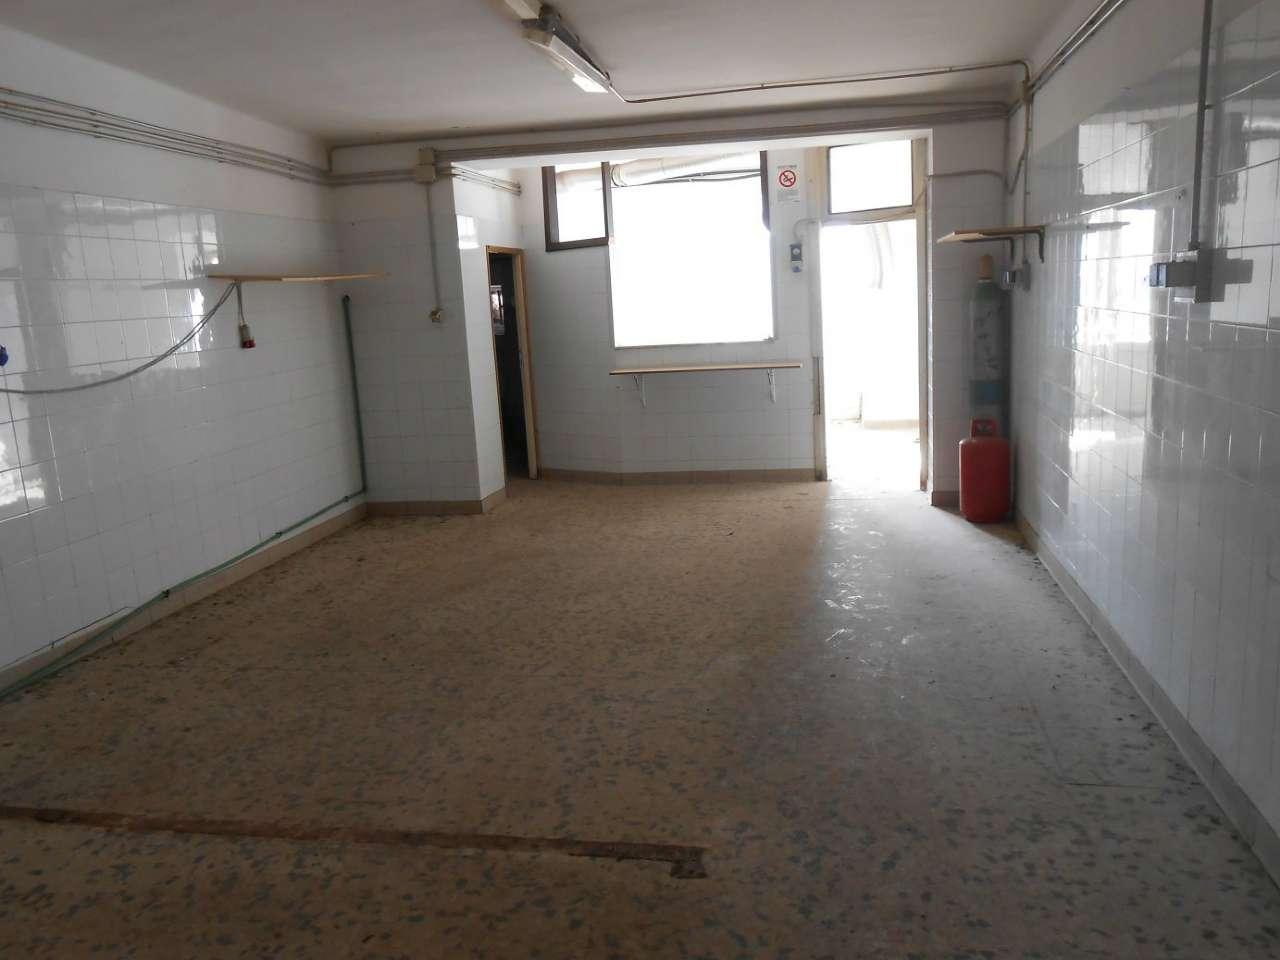 Laboratorio in vendita a Marino, 1 locali, prezzo € 63.000 | Cambio Casa.it